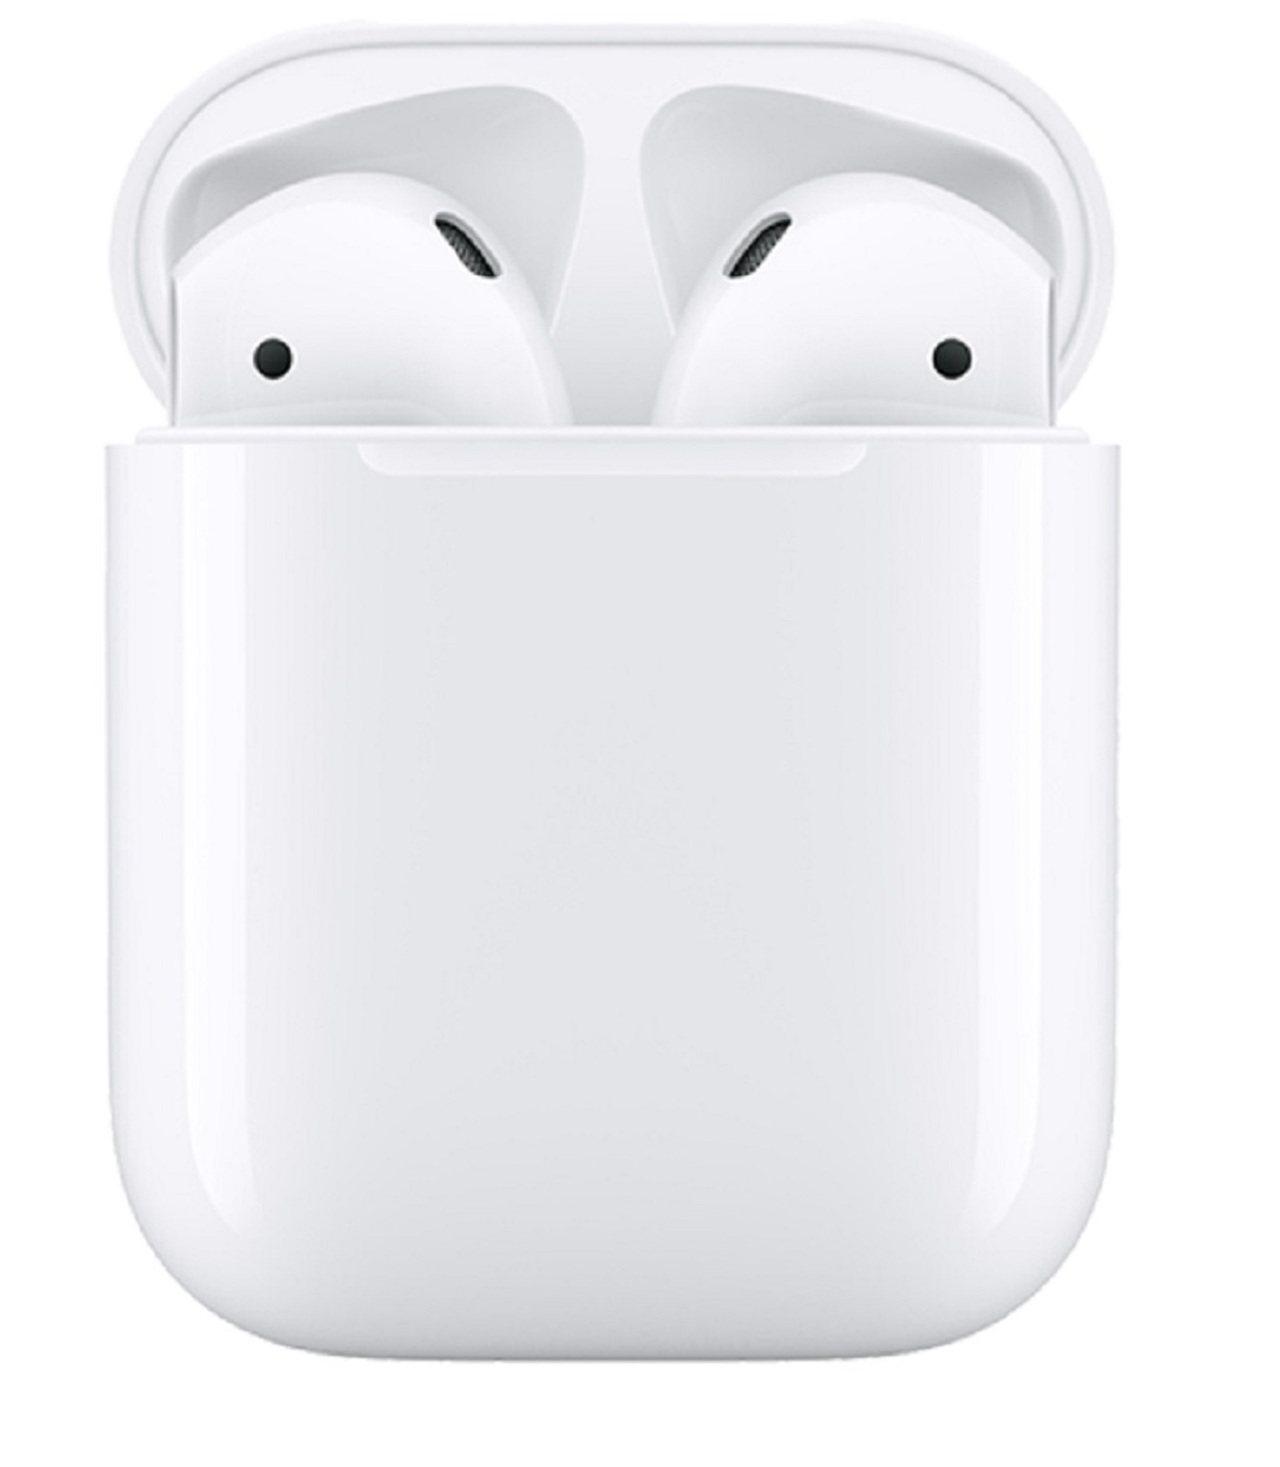 創業家宣布今日起於生活市集推出蘋果AirPods 2破盤限時下殺。圖/創業家提供